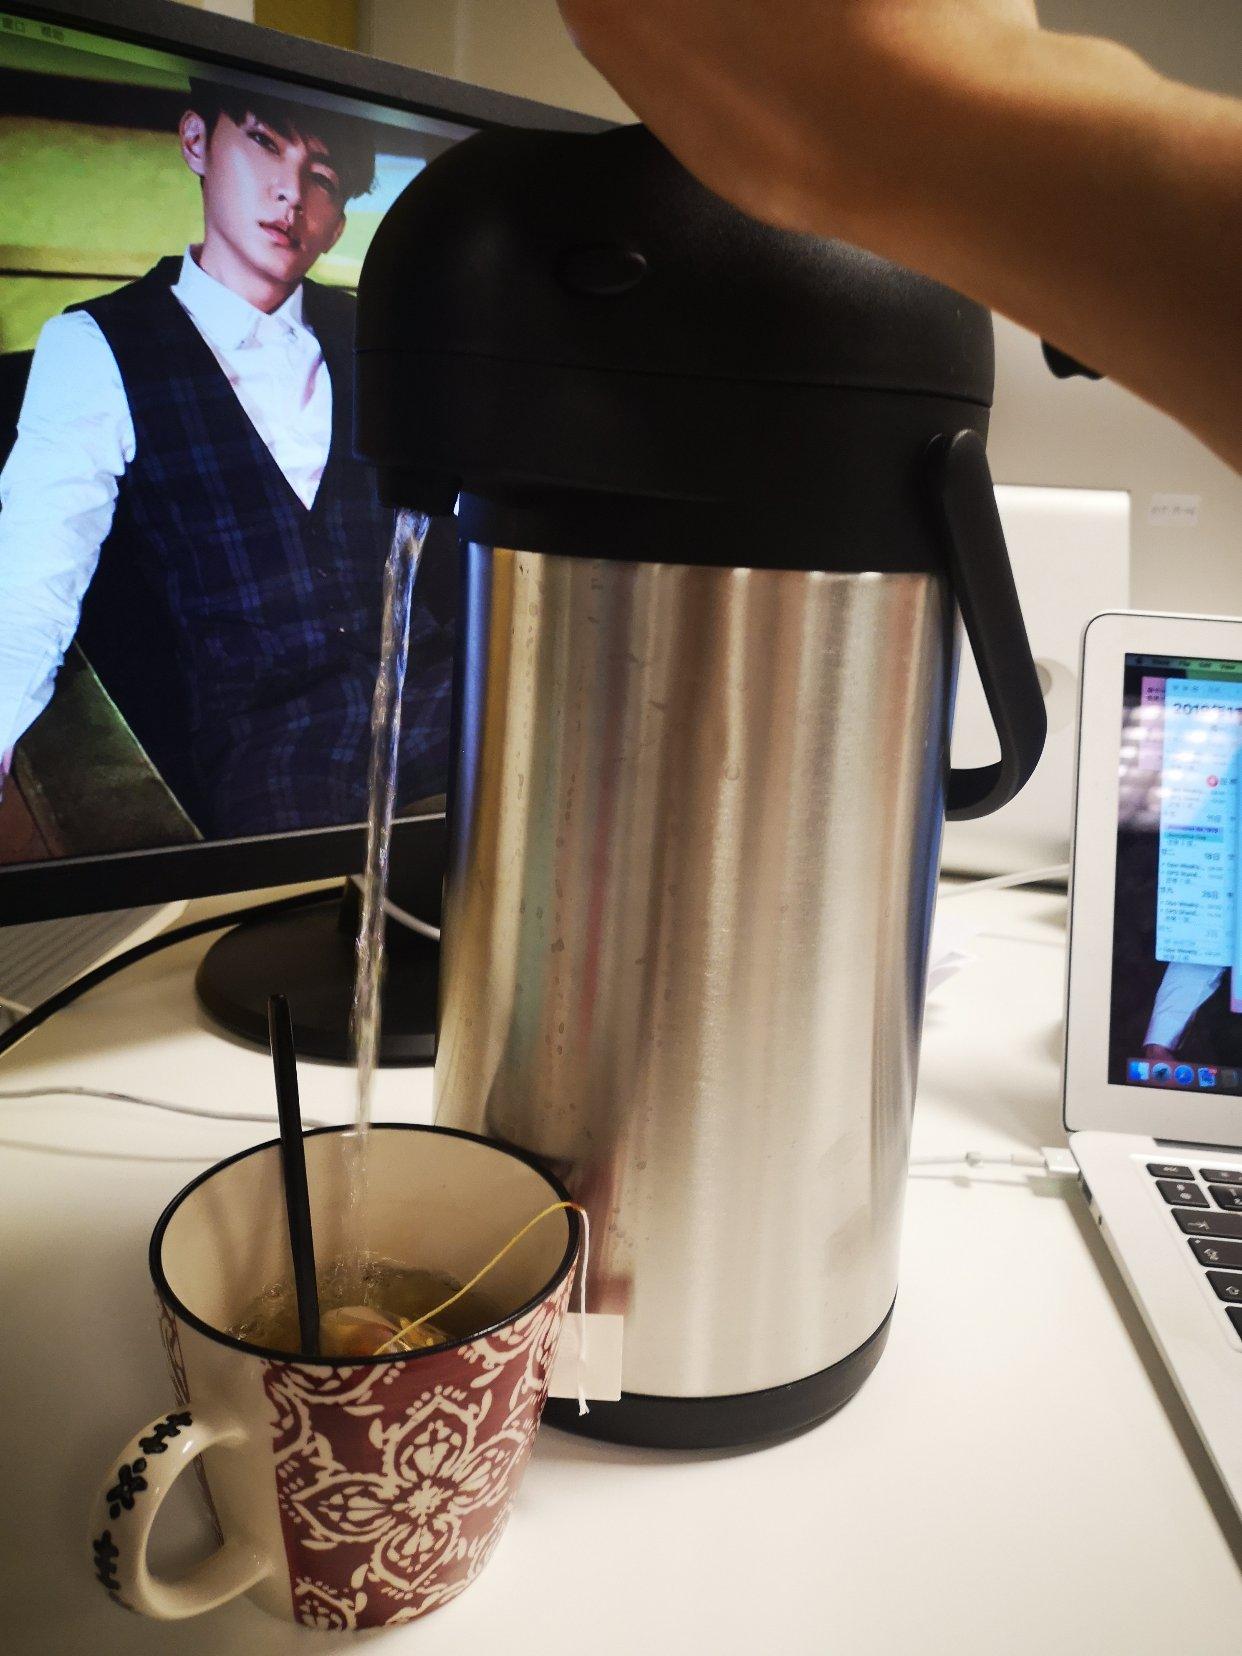 新买了一个超级实用的热水壶!